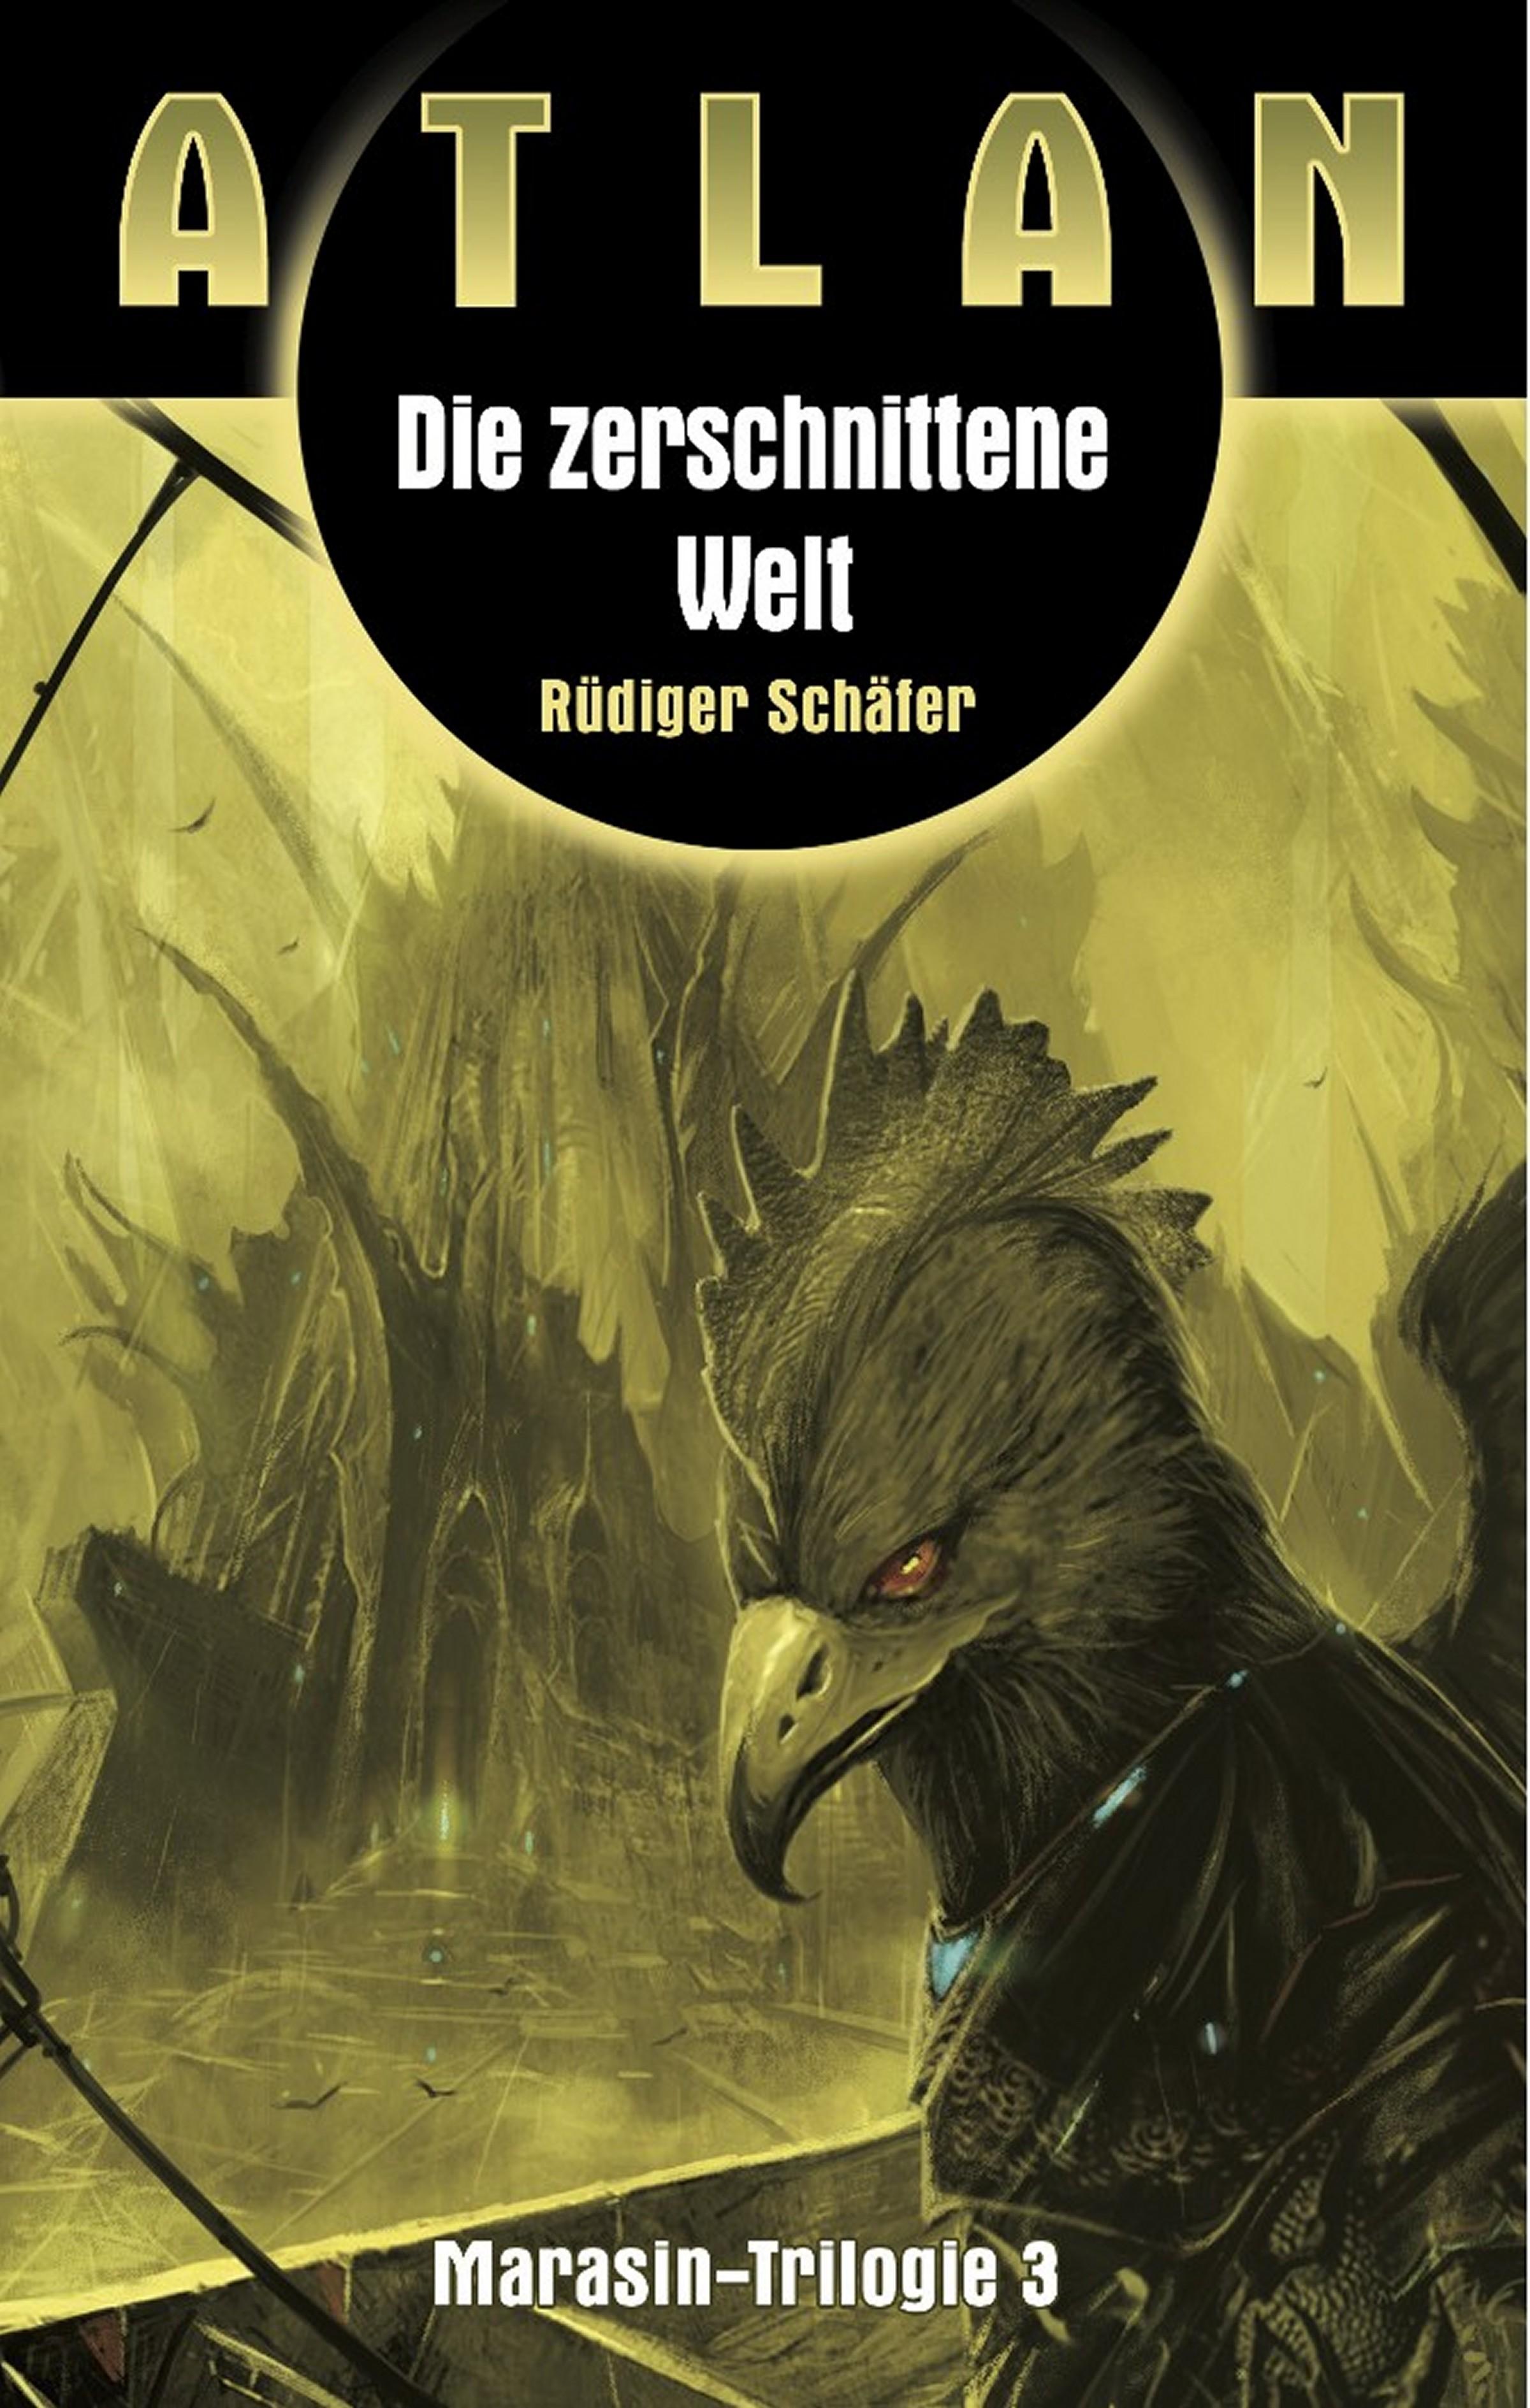 цена на Rüdiger Schäfer ATLAN Marasin 3: Die zerschnittene Welt